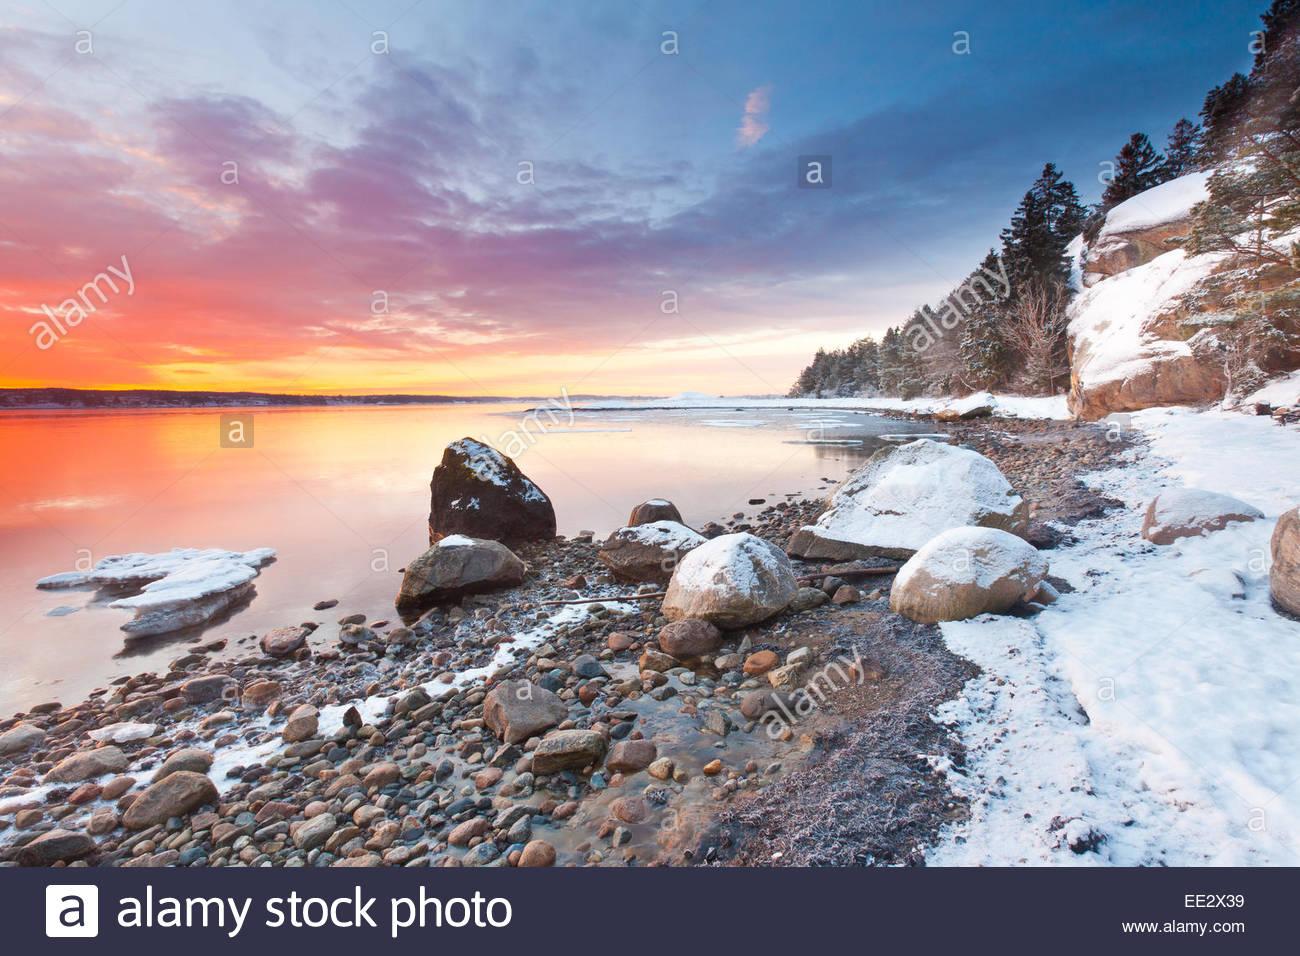 Winter-Sonnenaufgang am Ofen in Råde Kommune, Østfold Fylke, Norwegen. Stockbild